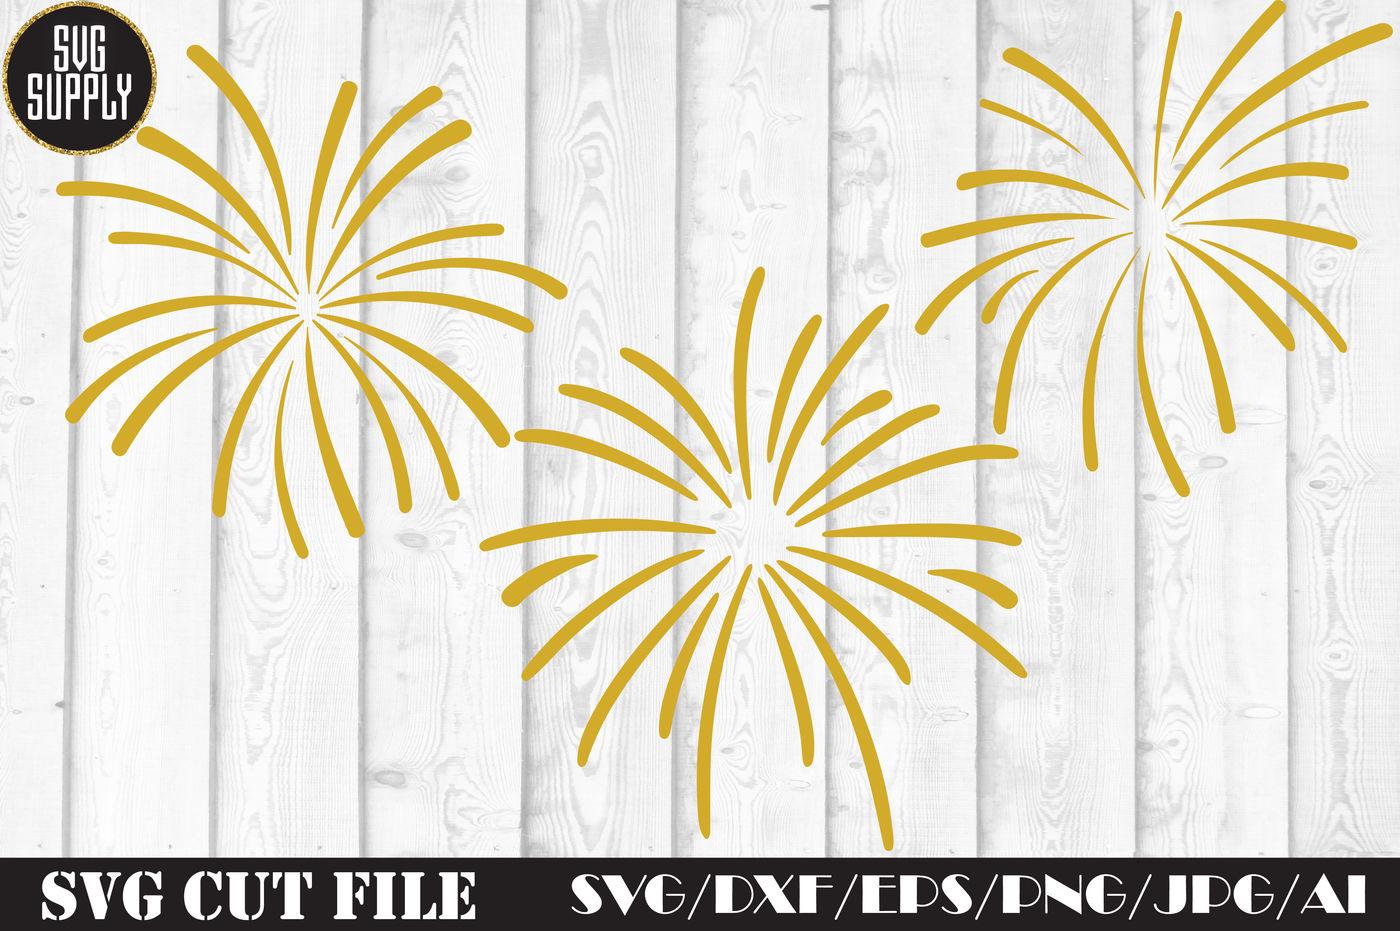 Fireworks Svg Files Fireworks Vector Image Fireworks Dxf Files Fireworks Svg Cutting File